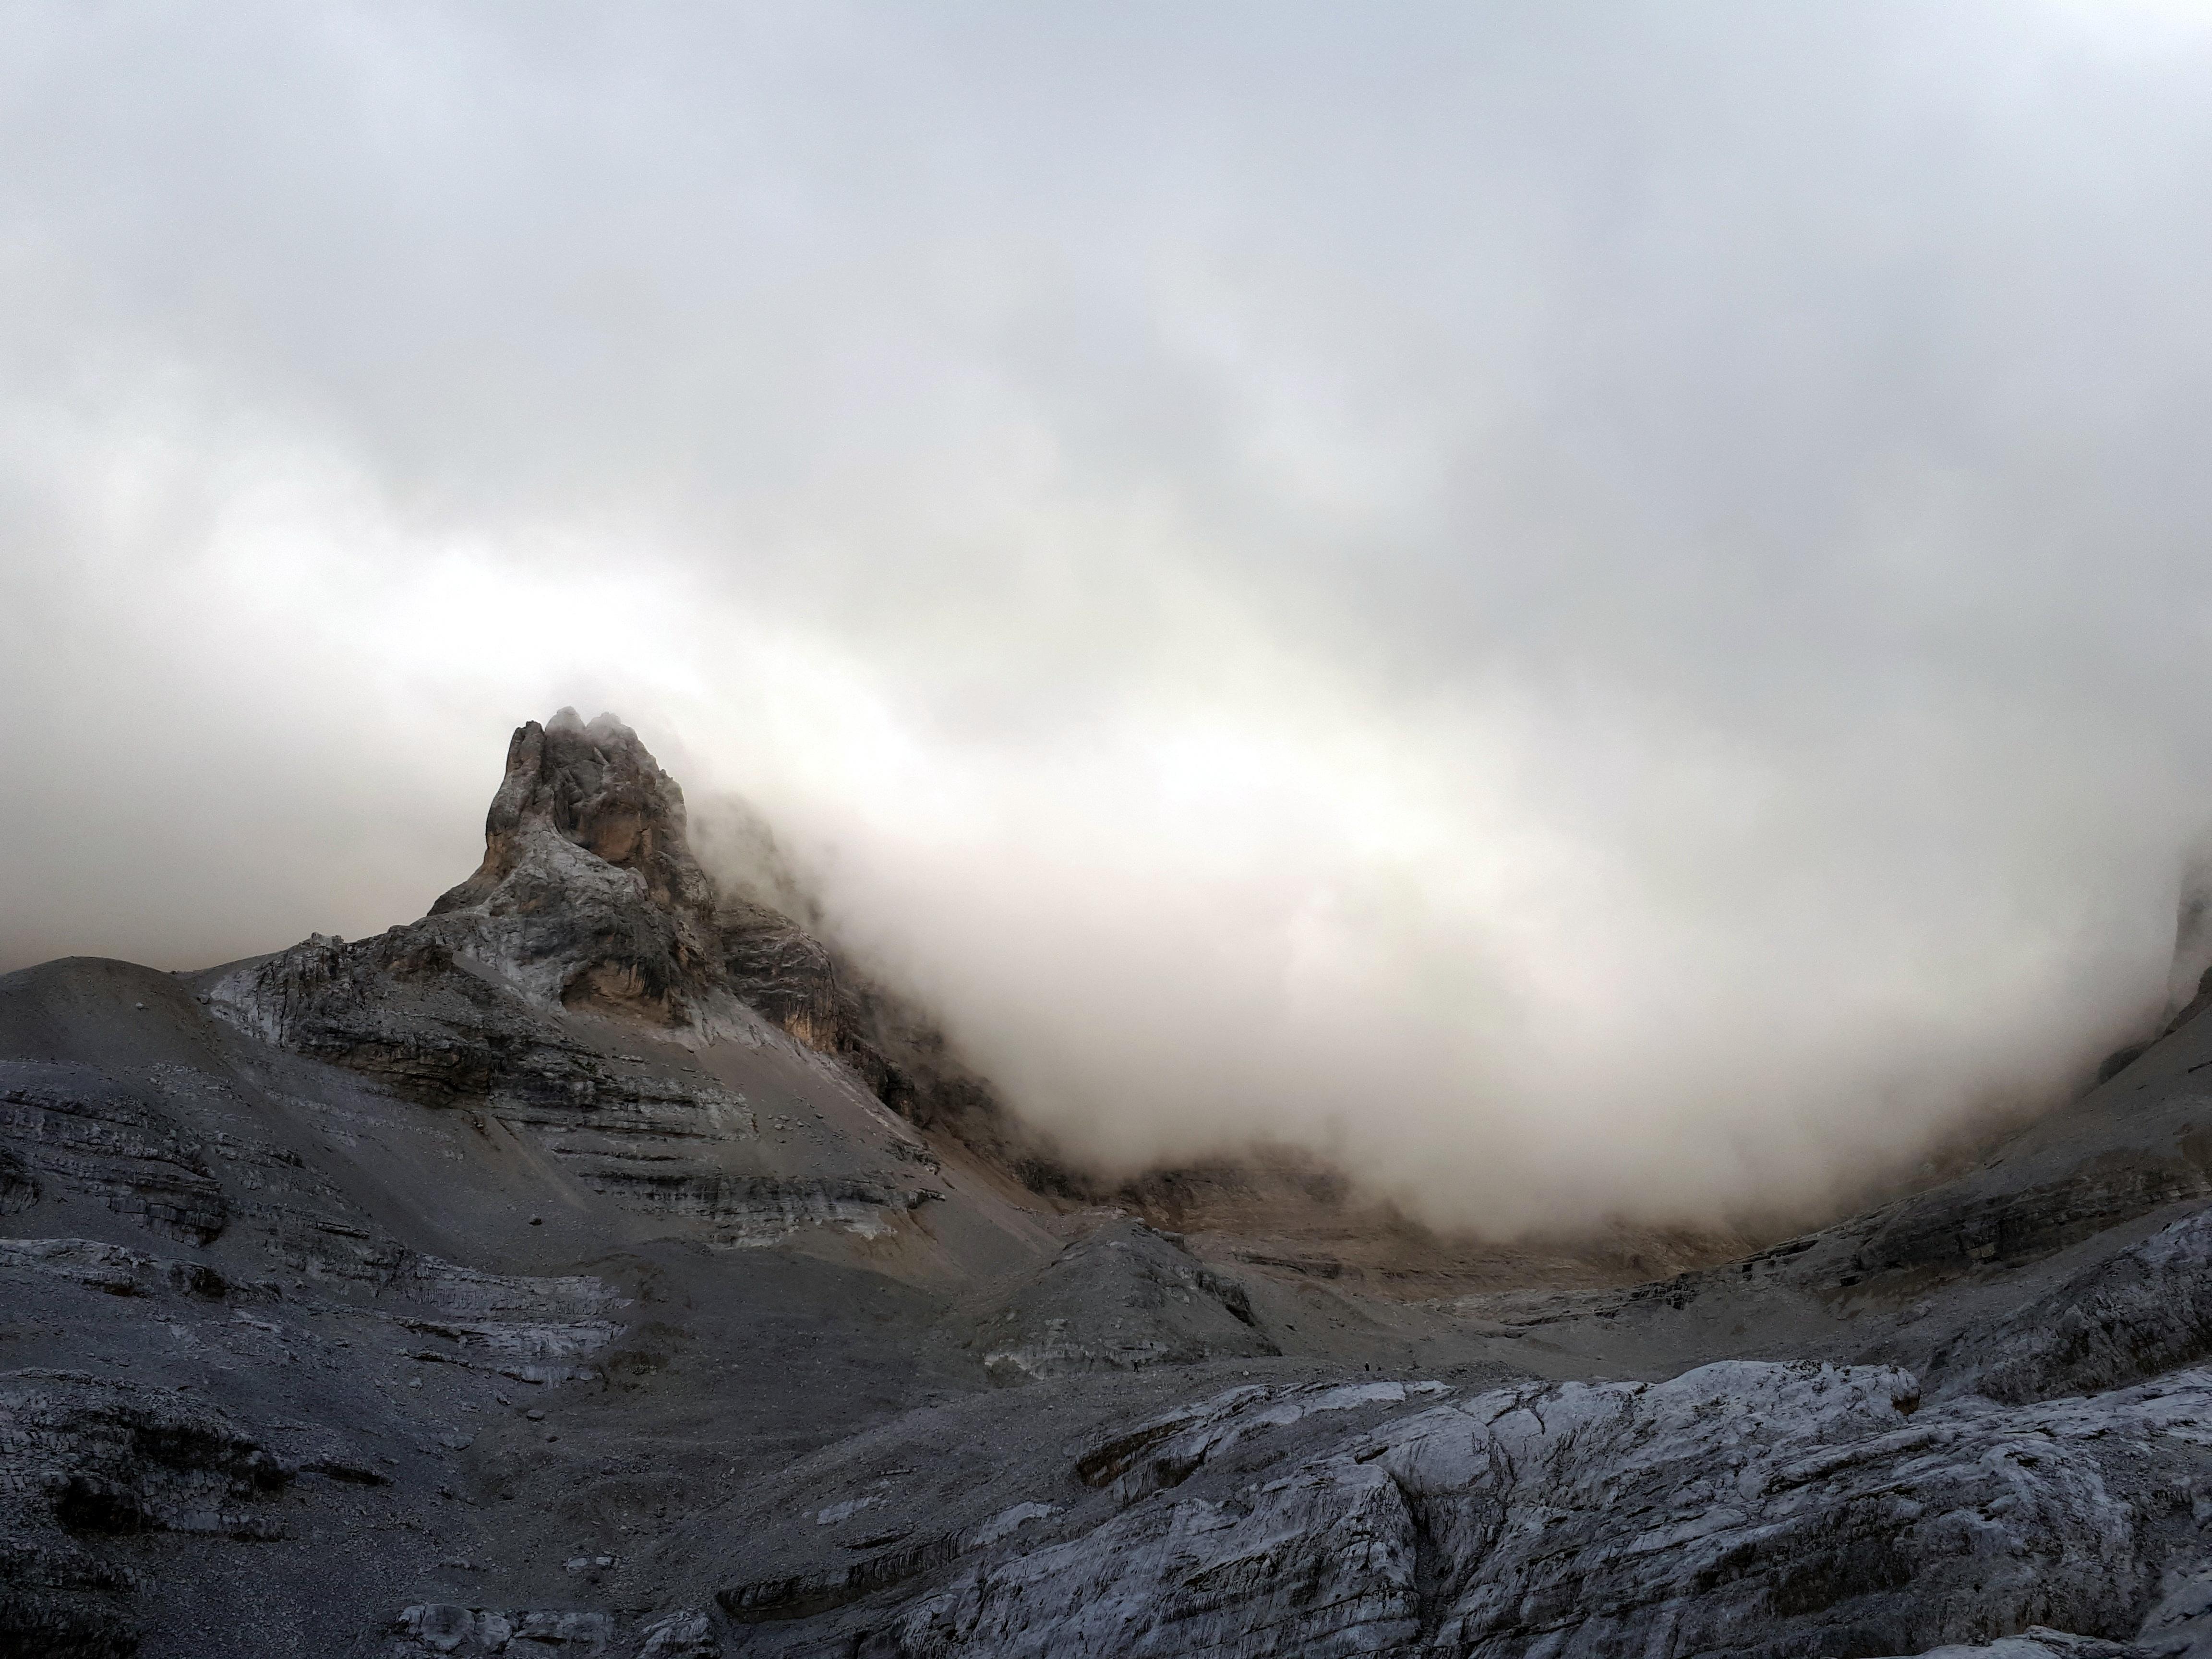 La giornata è incerta e regala degli splendidi giochi di nubi sulle cime della val d'Agola